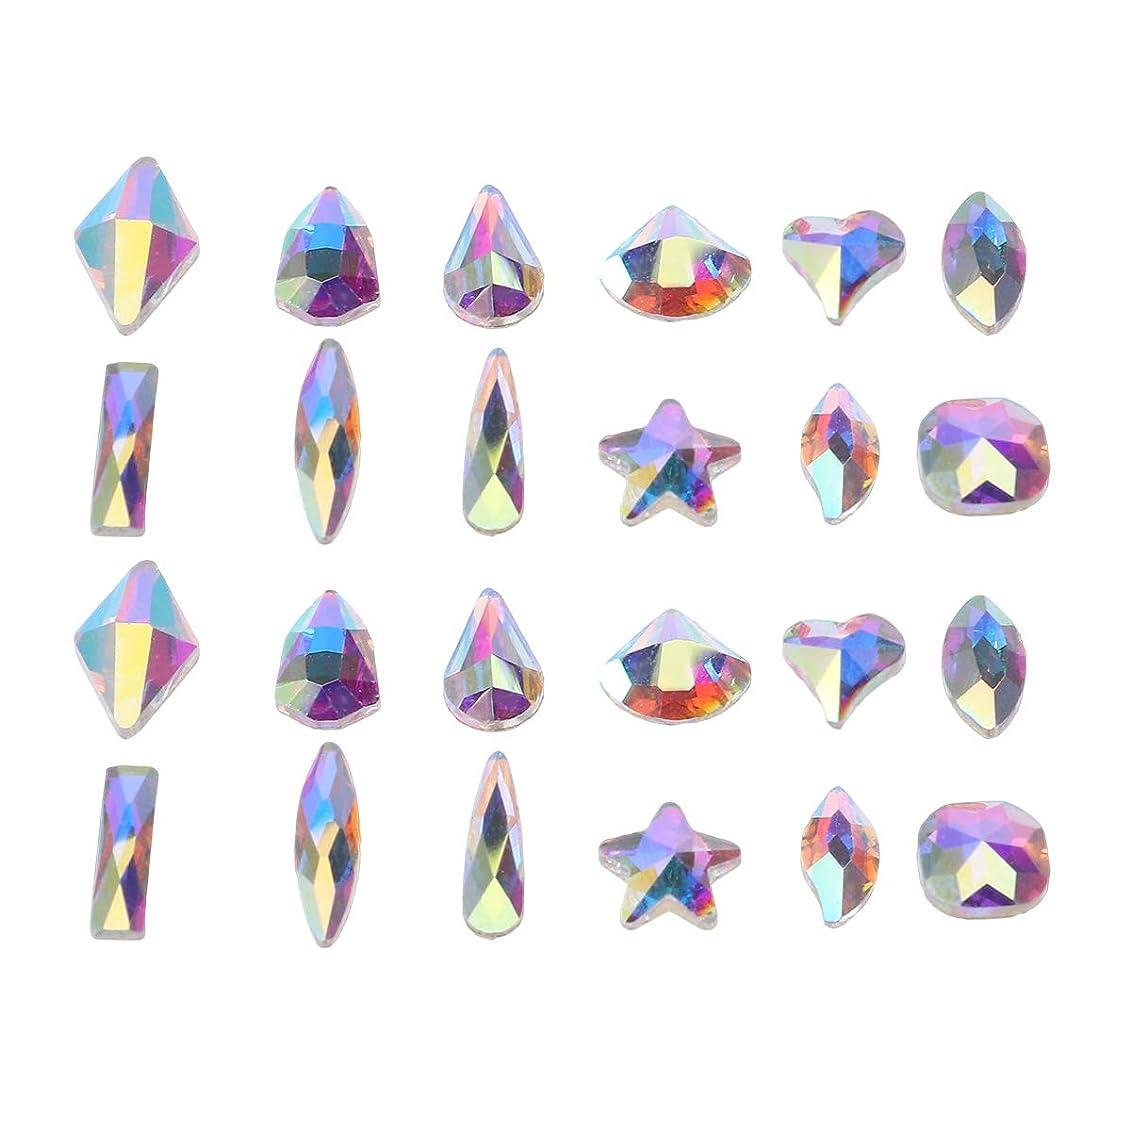 学習者天才光Lurrose 240ピースアクリルネイルアートネイルアートラインストーンキット用diyネイルアート用品アクセサリー